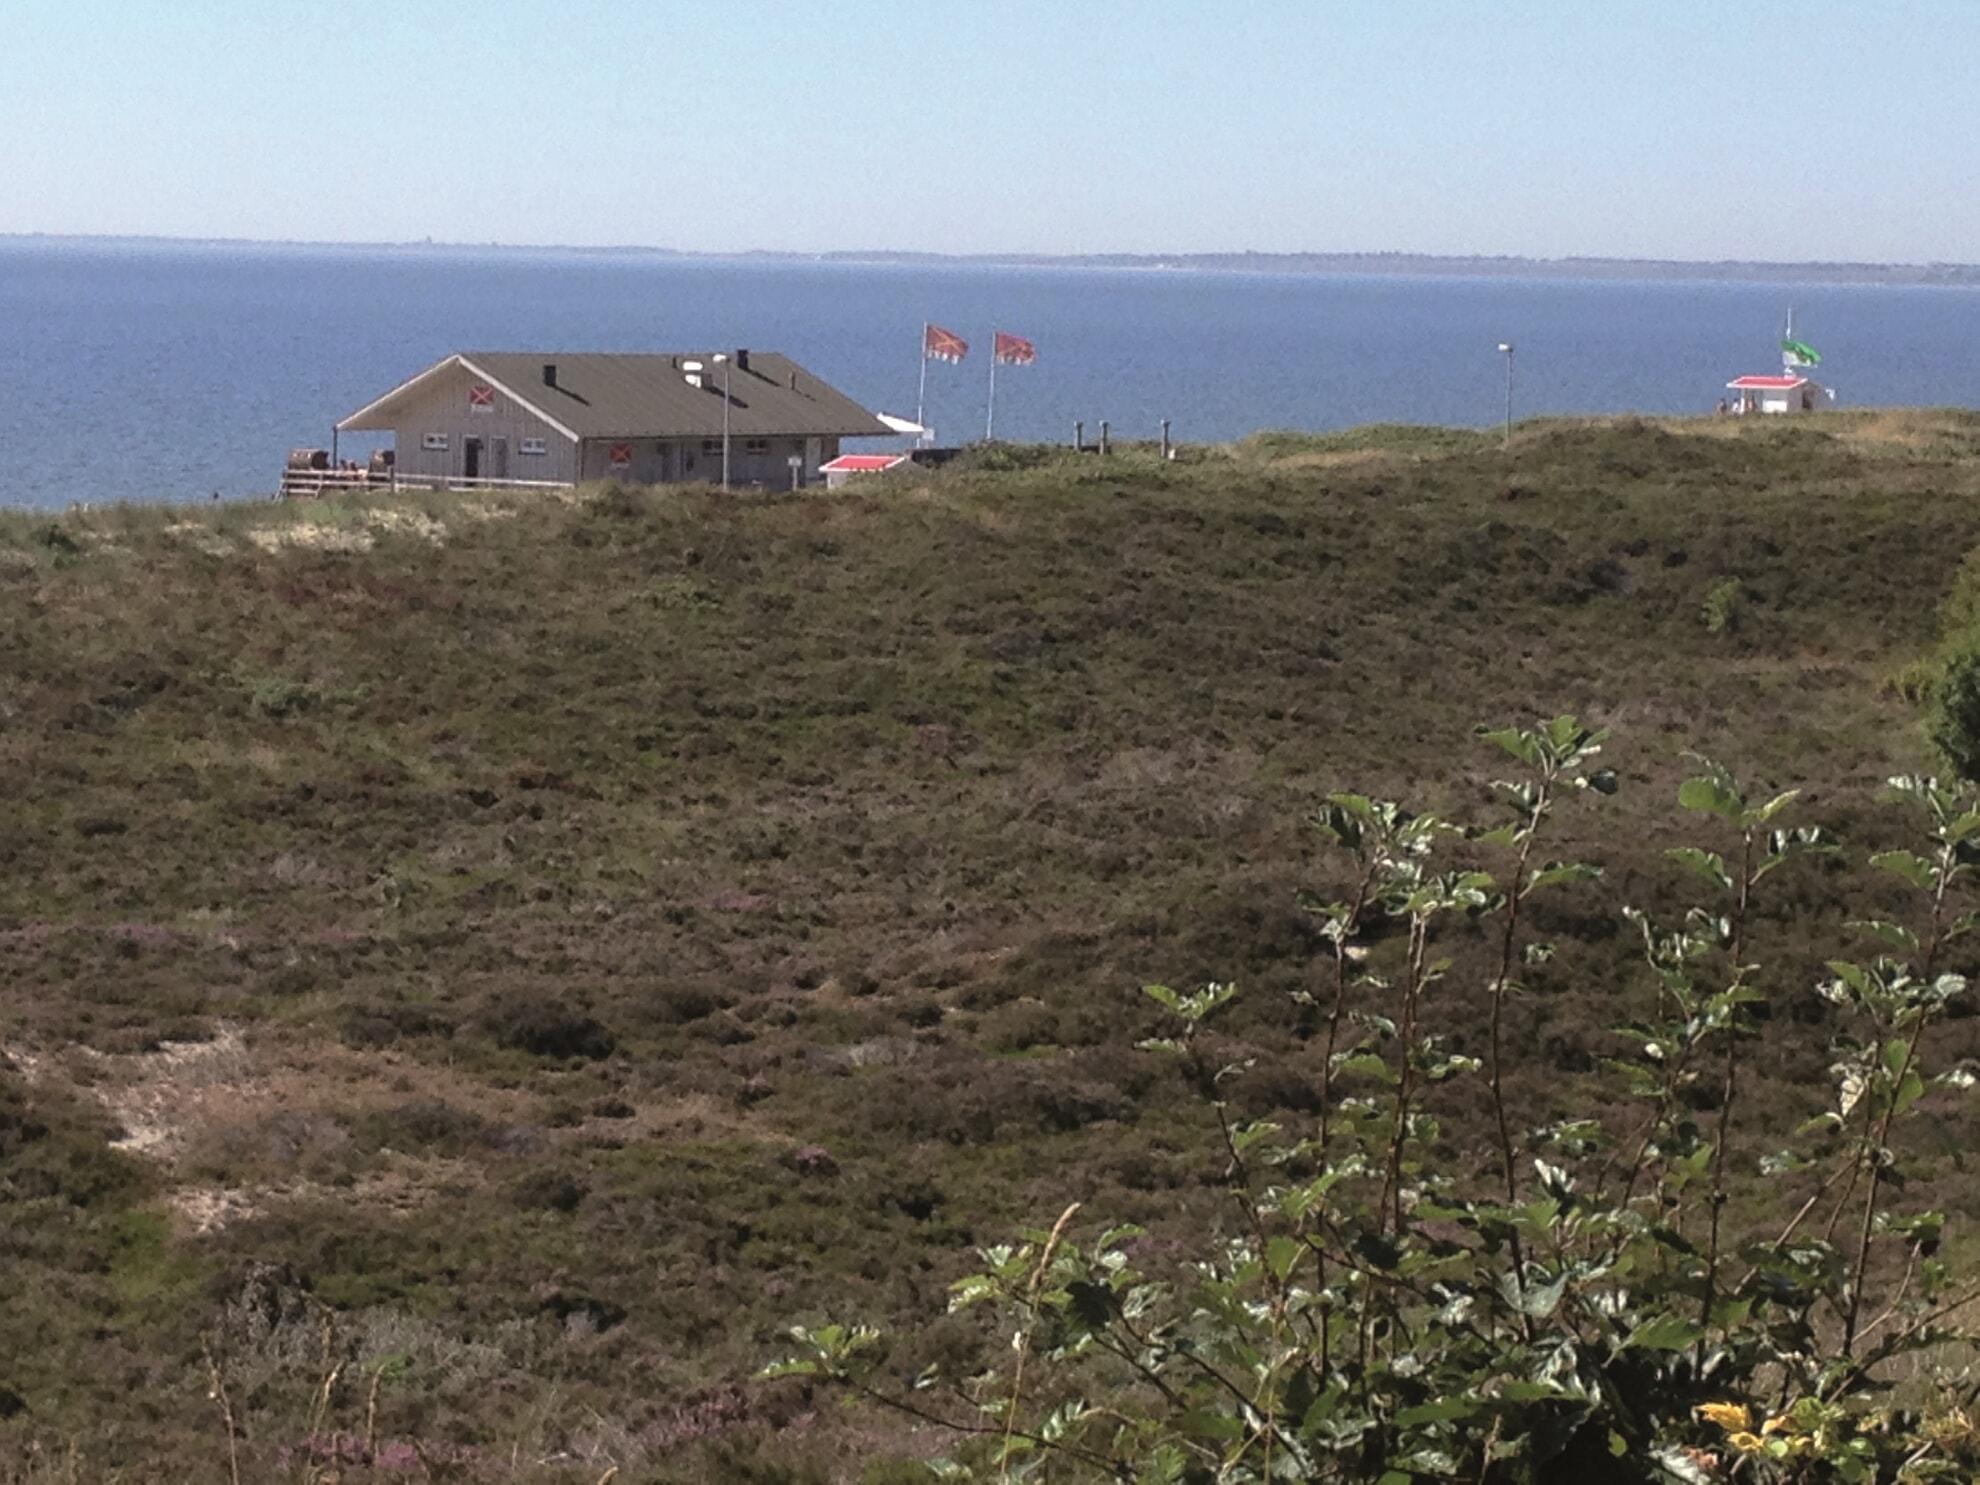 Blick vom Parkplatz aus auf den Oststrand